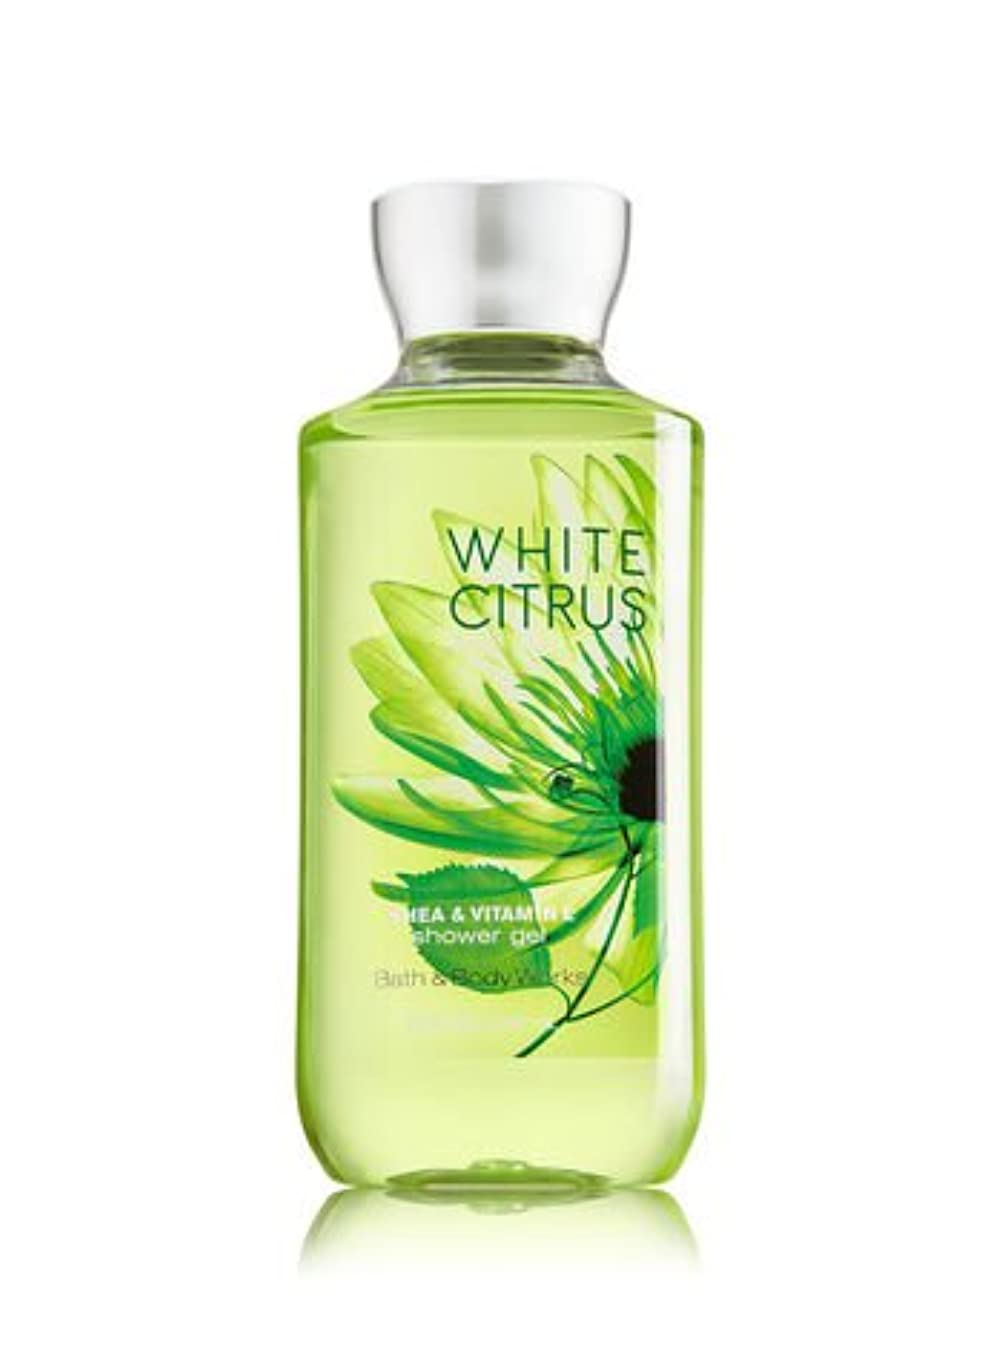 視線スプーン成熟したバス&ボディワークス ホワイトシトラス シャワージェル White Citrus Shower Gel [並行輸入品]